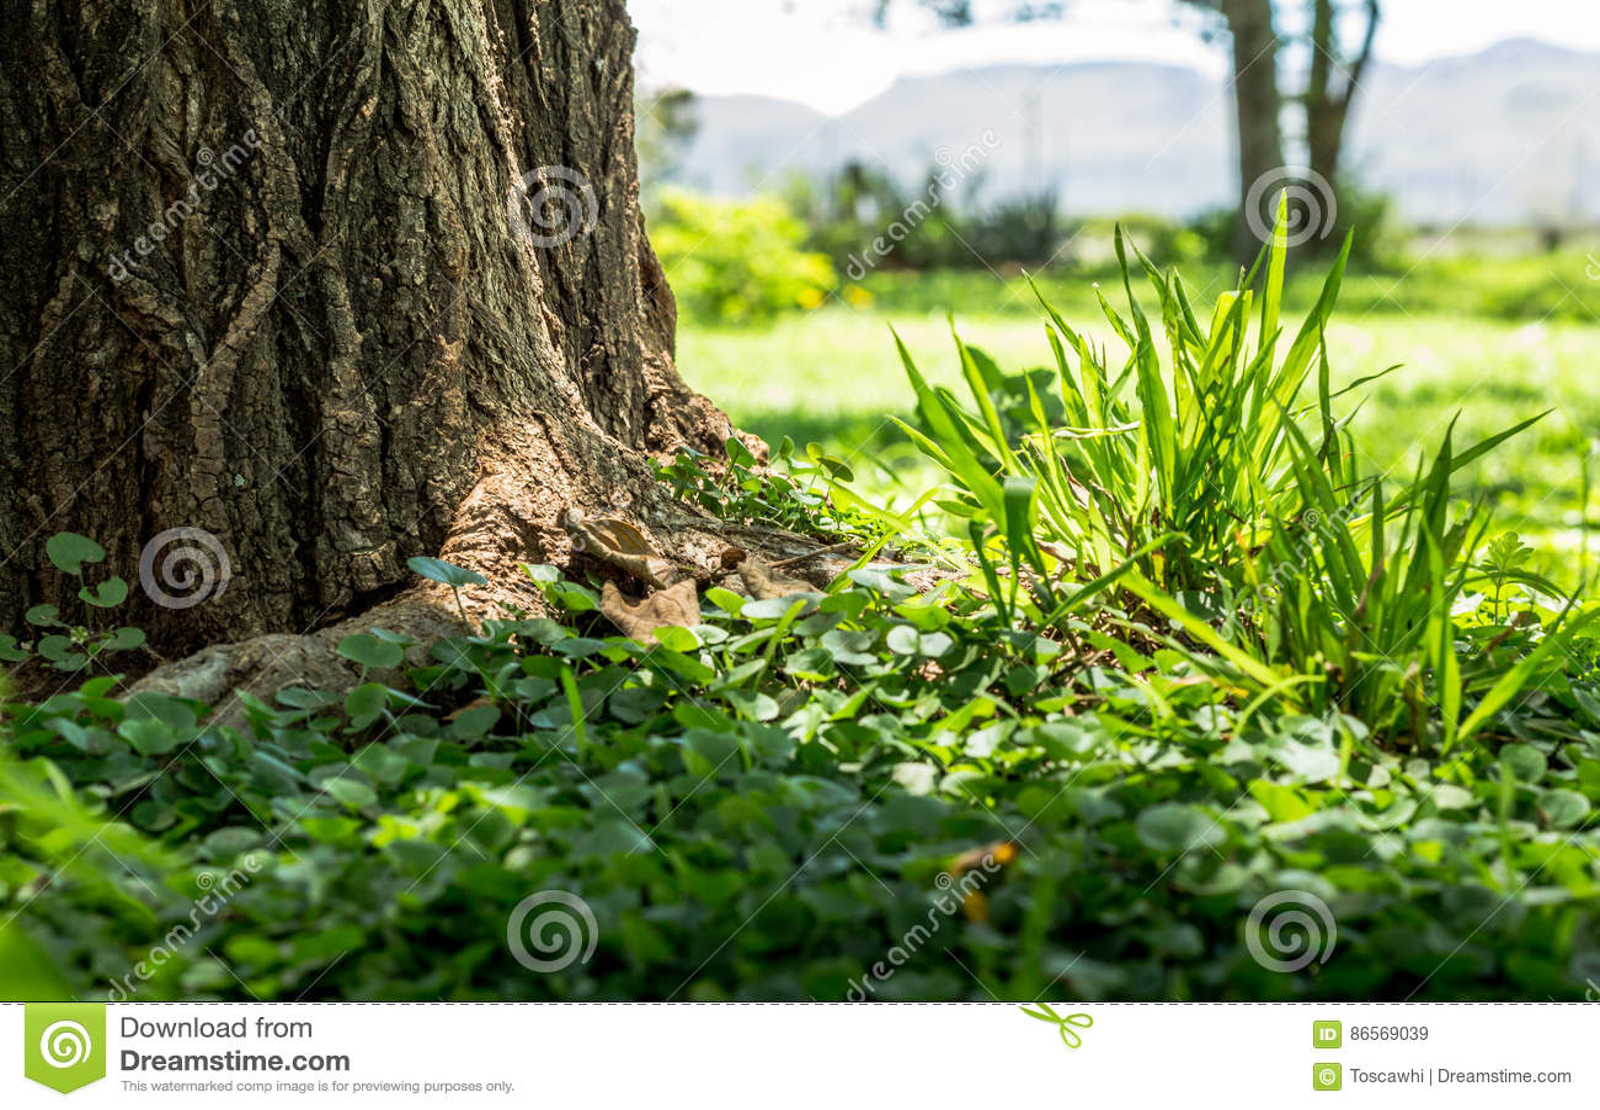 Εστίαση στην πράσινη μάζα χλόης και κινηματογράφηση σε πρώτο πλάνο ζιζανίων δίπλα στο δέντρο